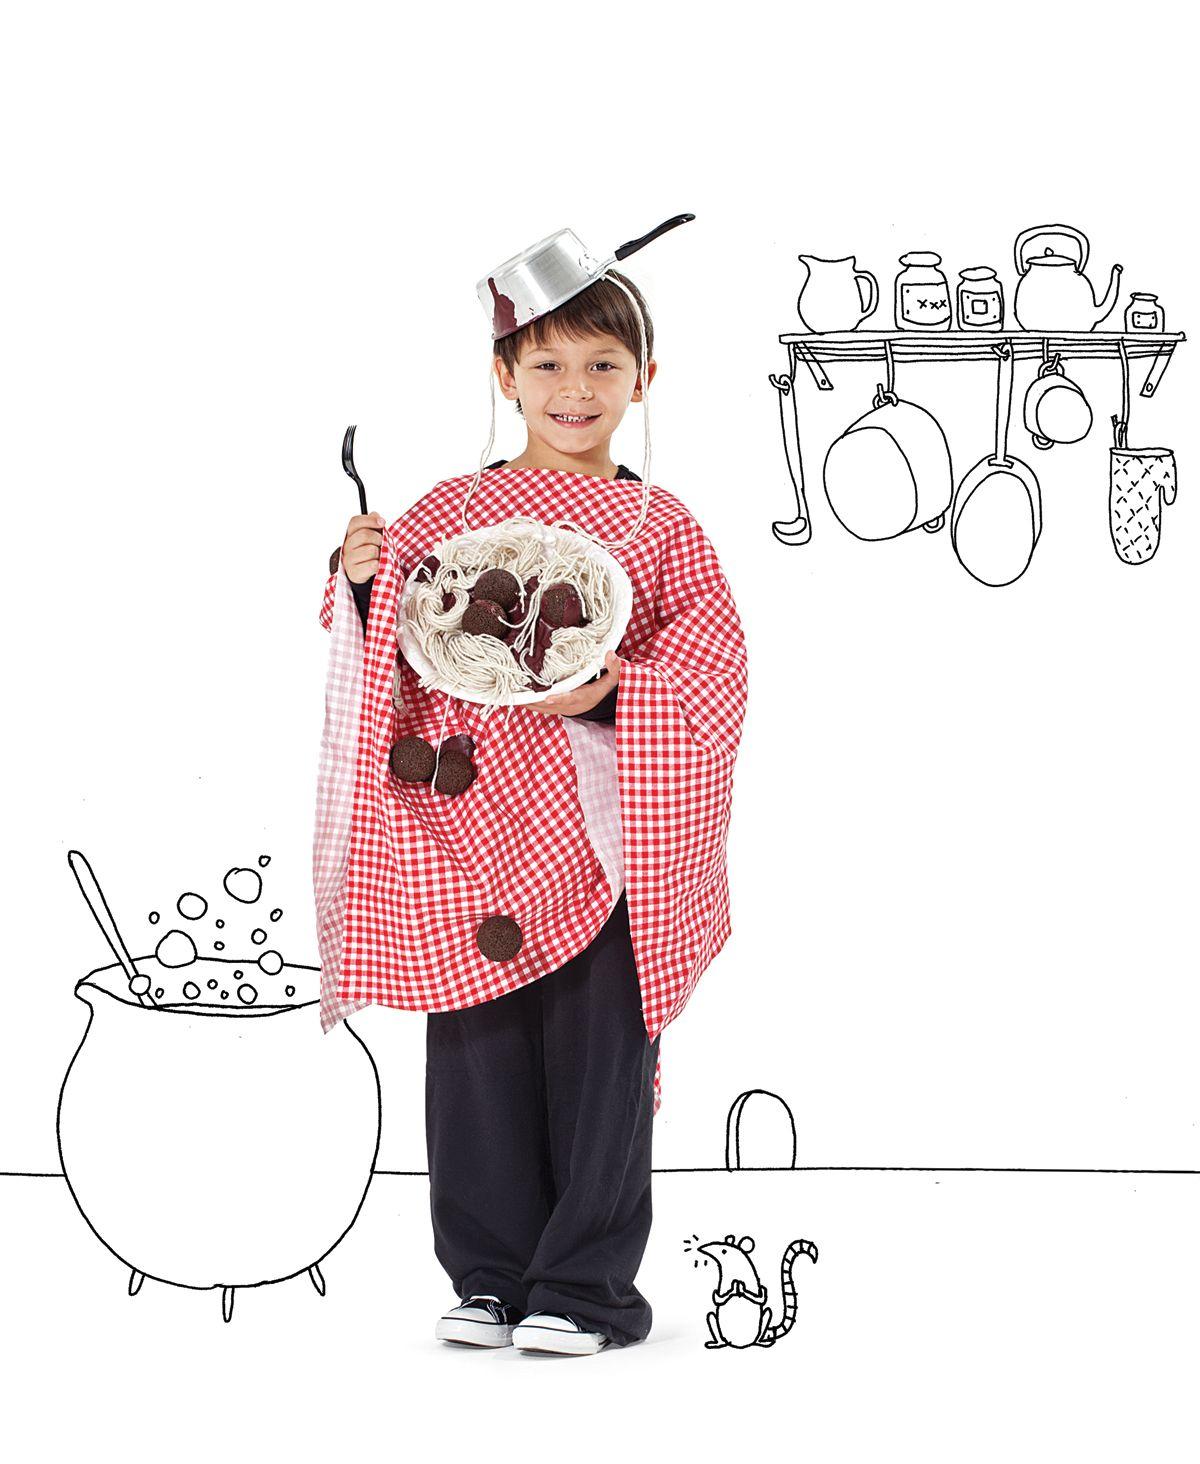 35+ Easy Homemade Halloween Costumes for Kids | Easy homemade ...